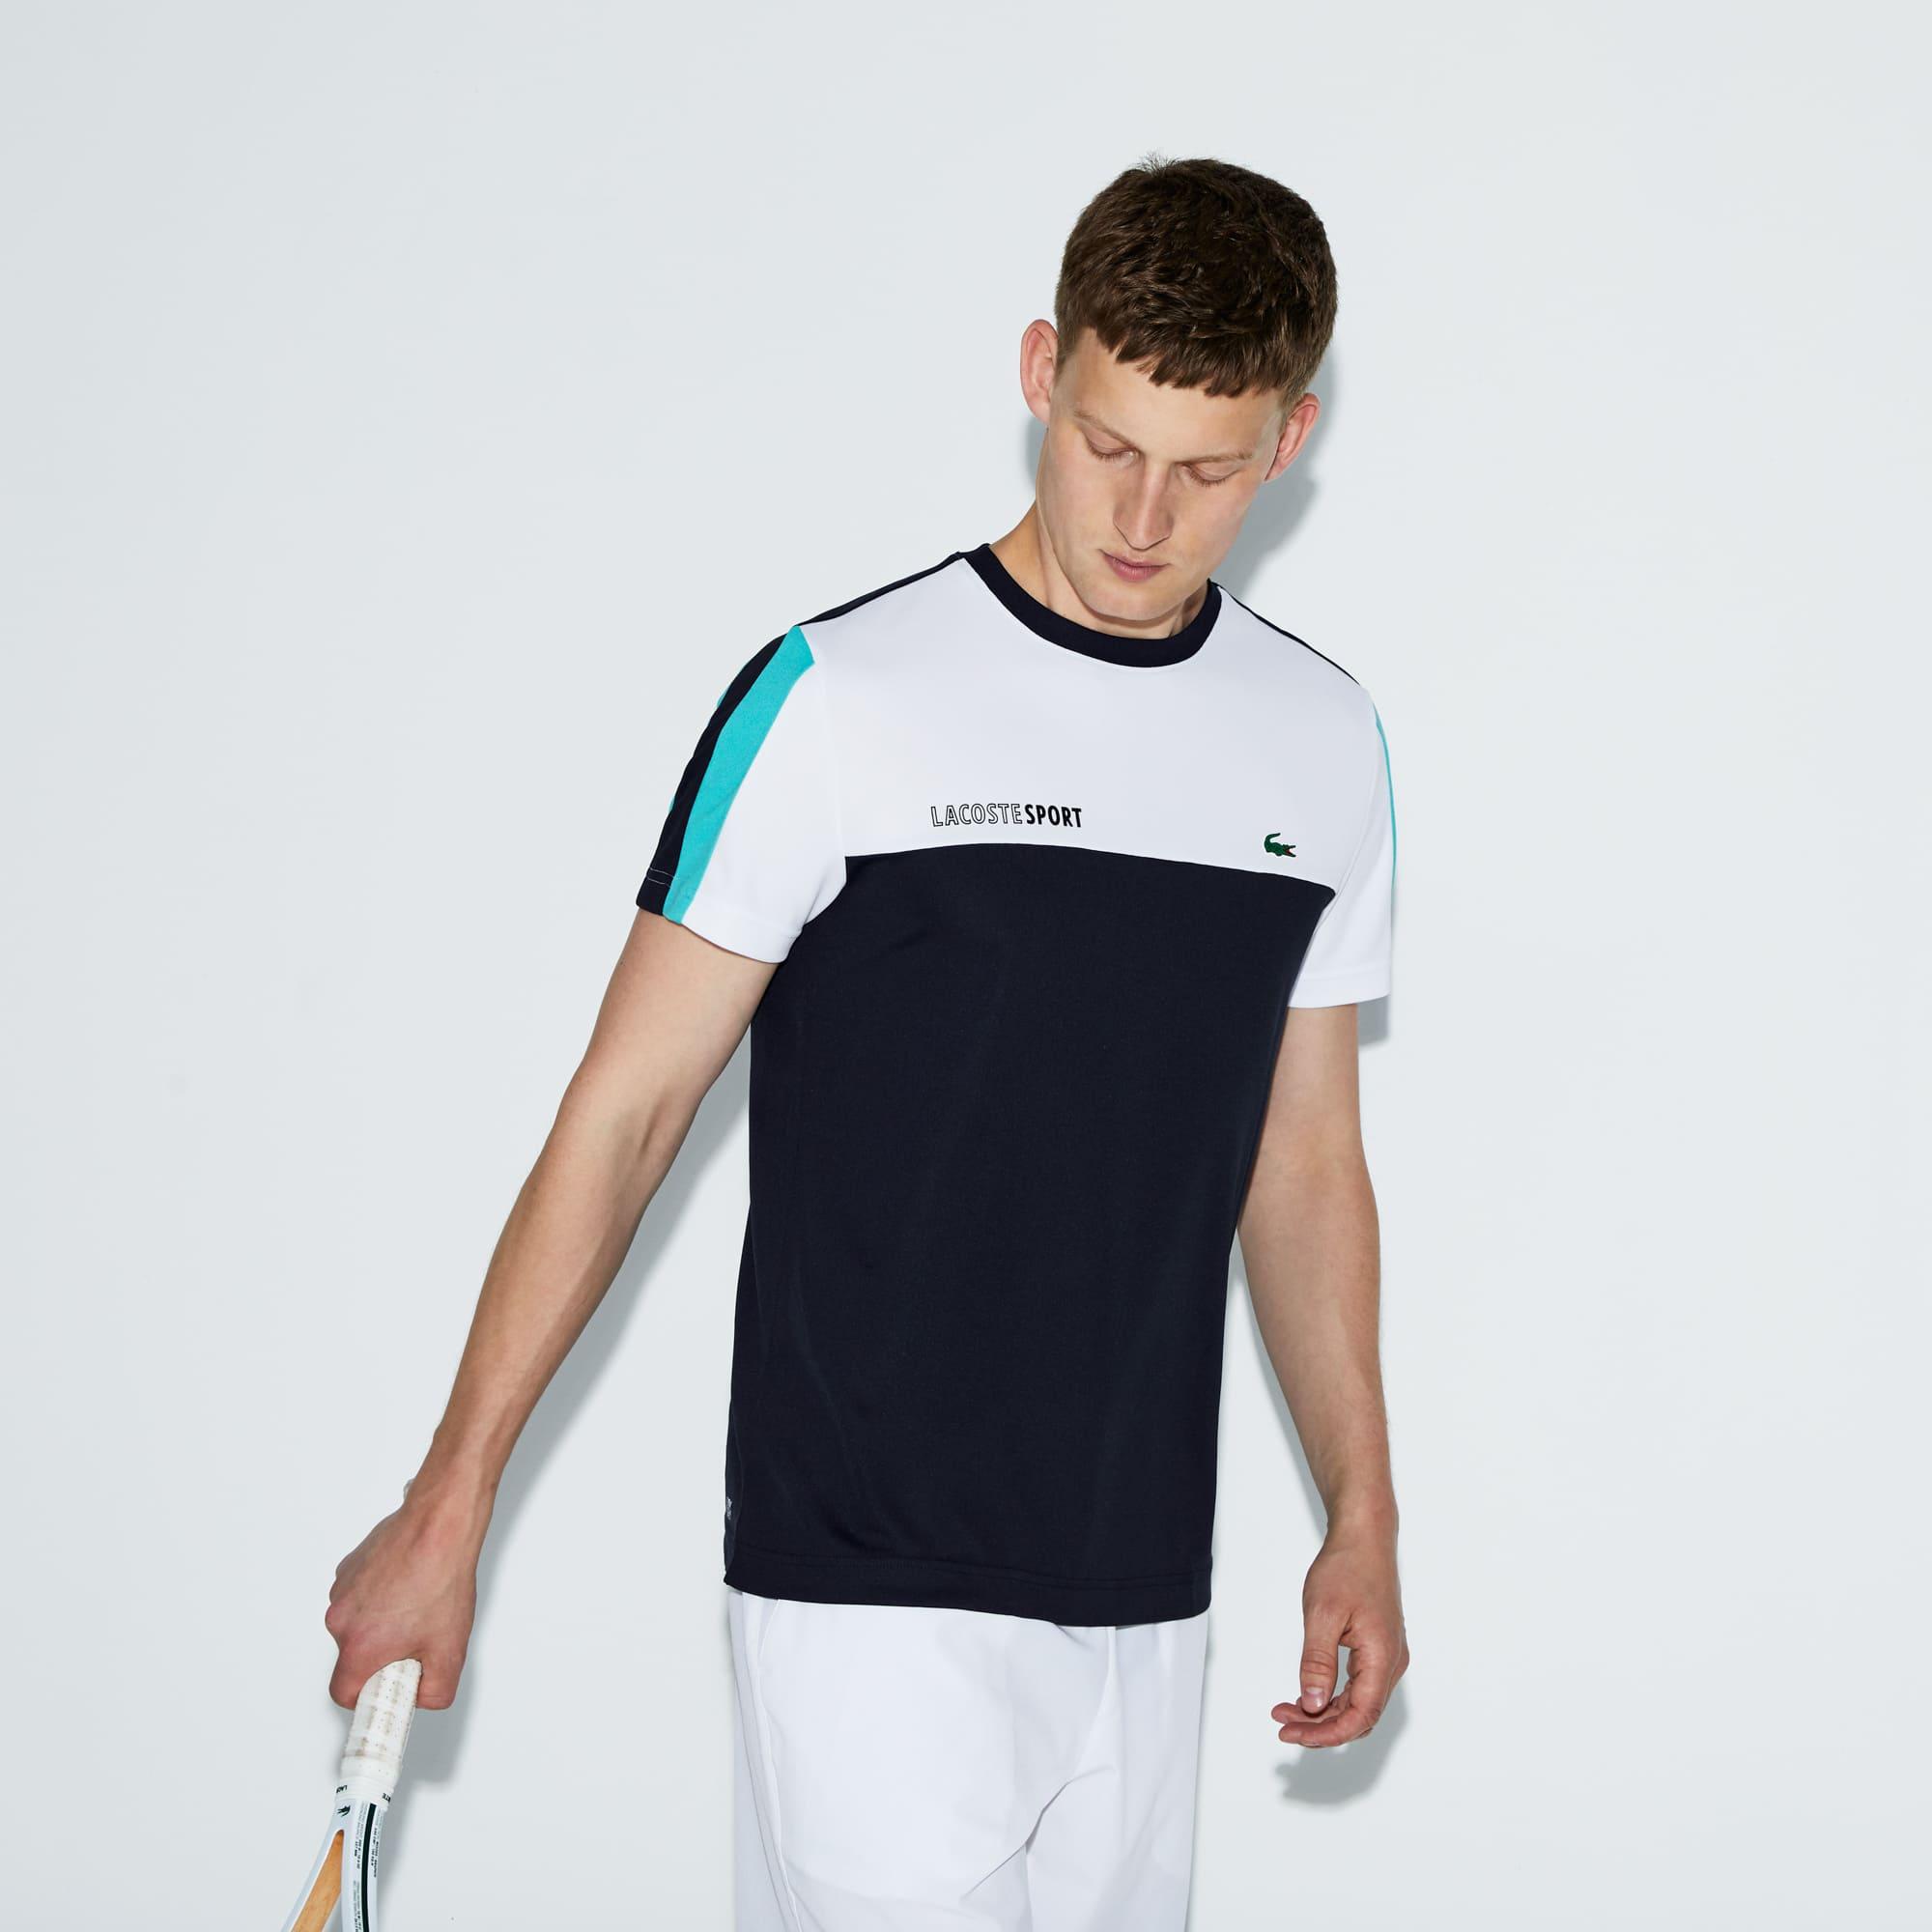 Lacoste - Herren LACOSTE SPORT Rundhals Tennis T-Shirt mit Colorblocks - 1